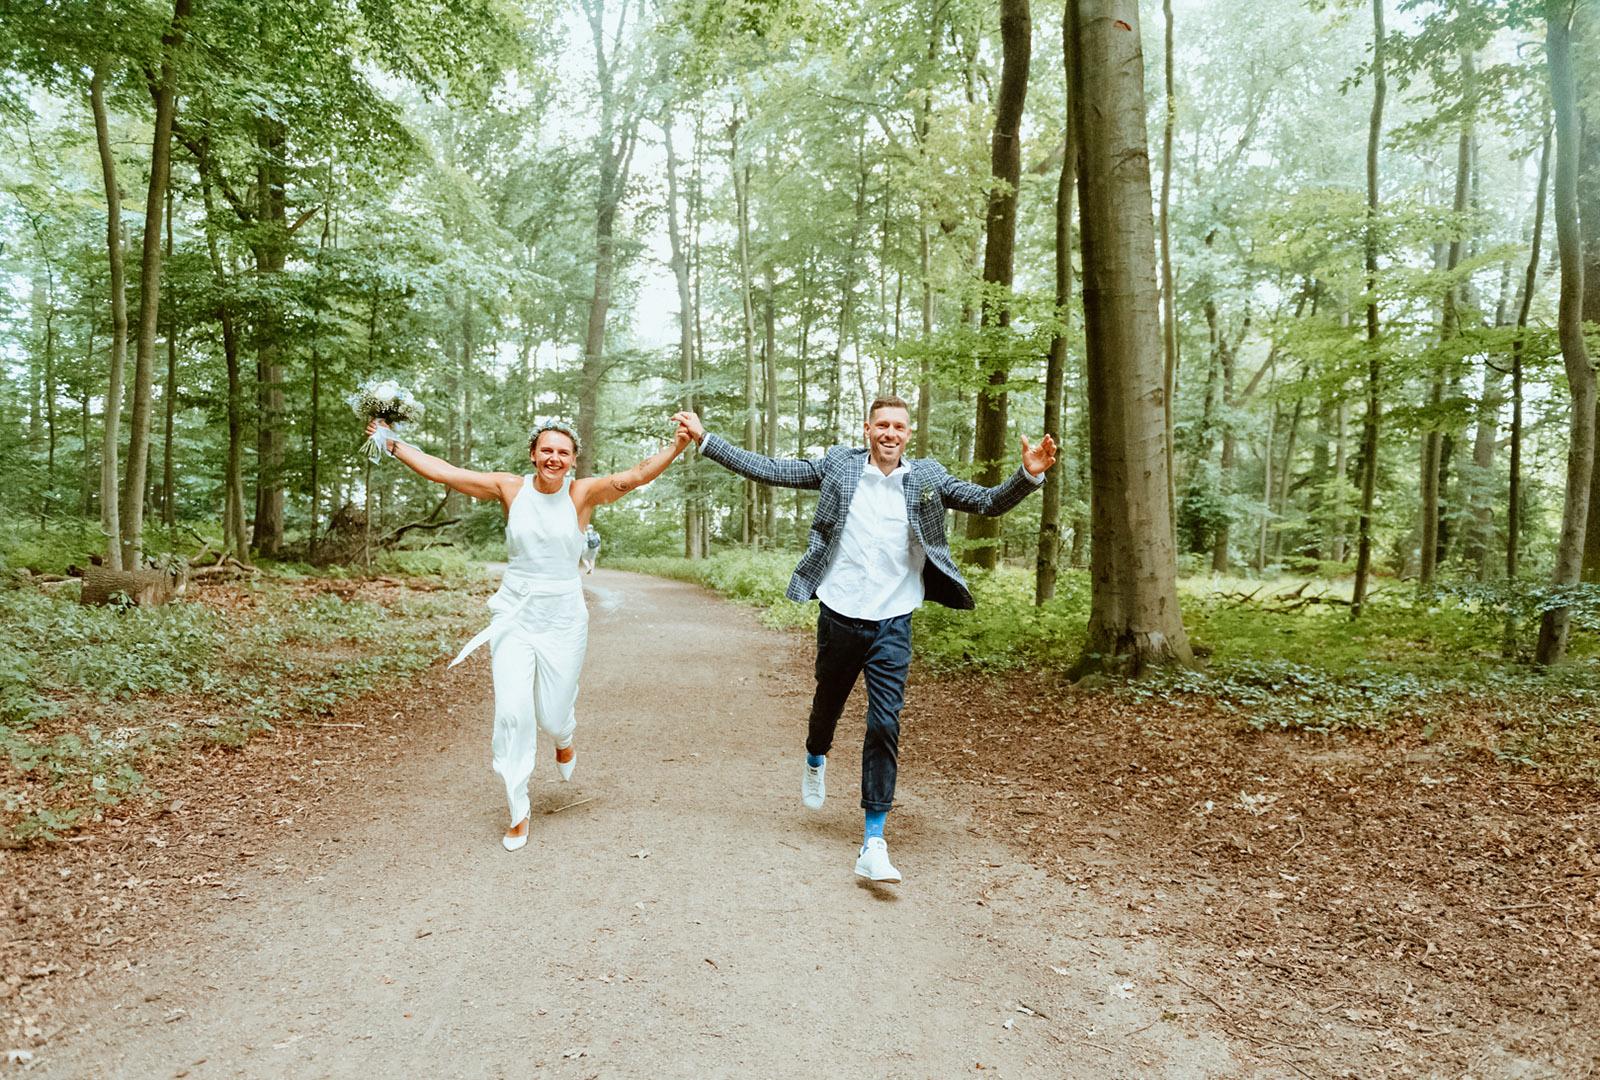 Hochzeitsfreude pur: Brautpaar rennt